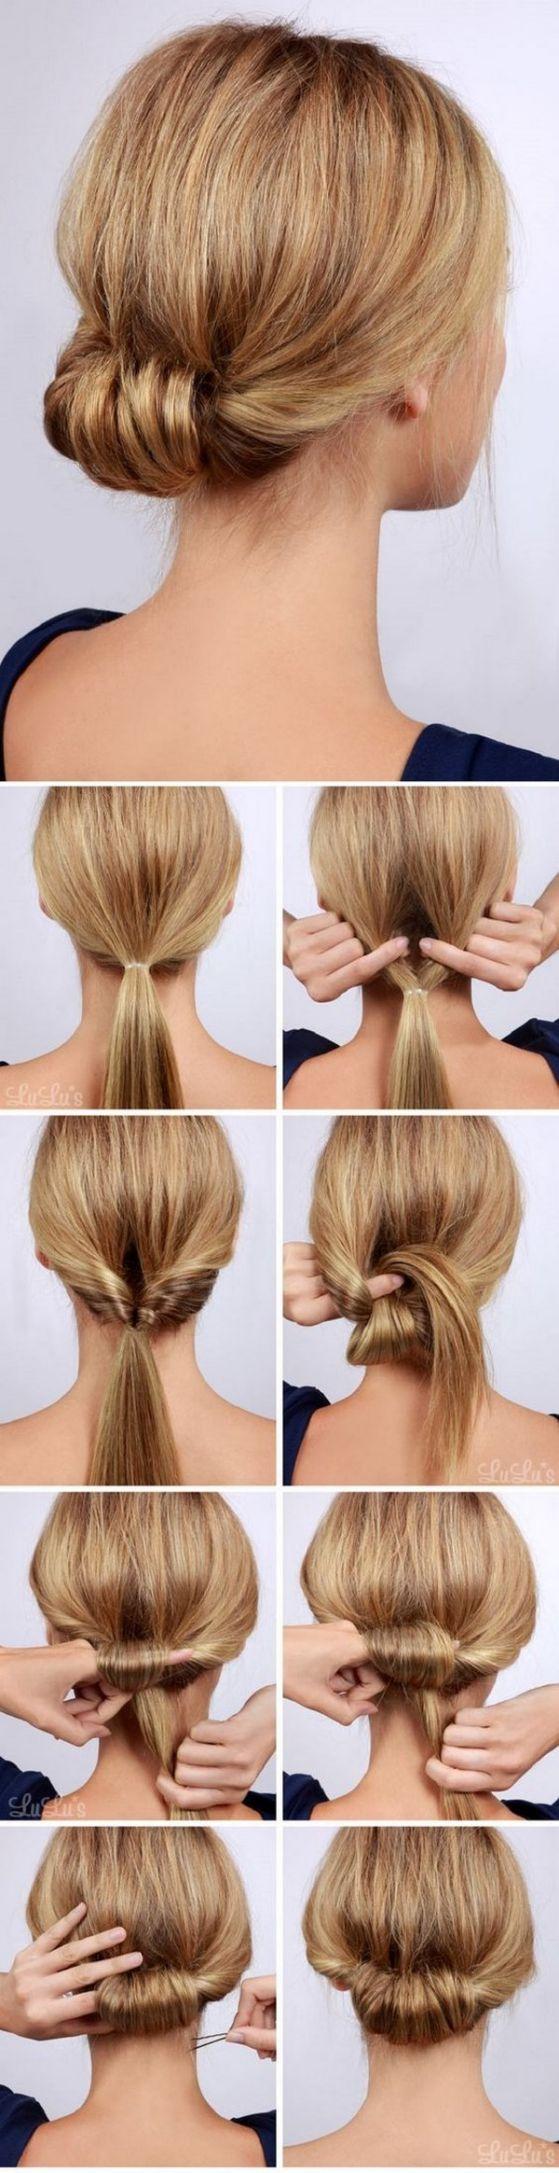 peinado recogido con estilo elegante